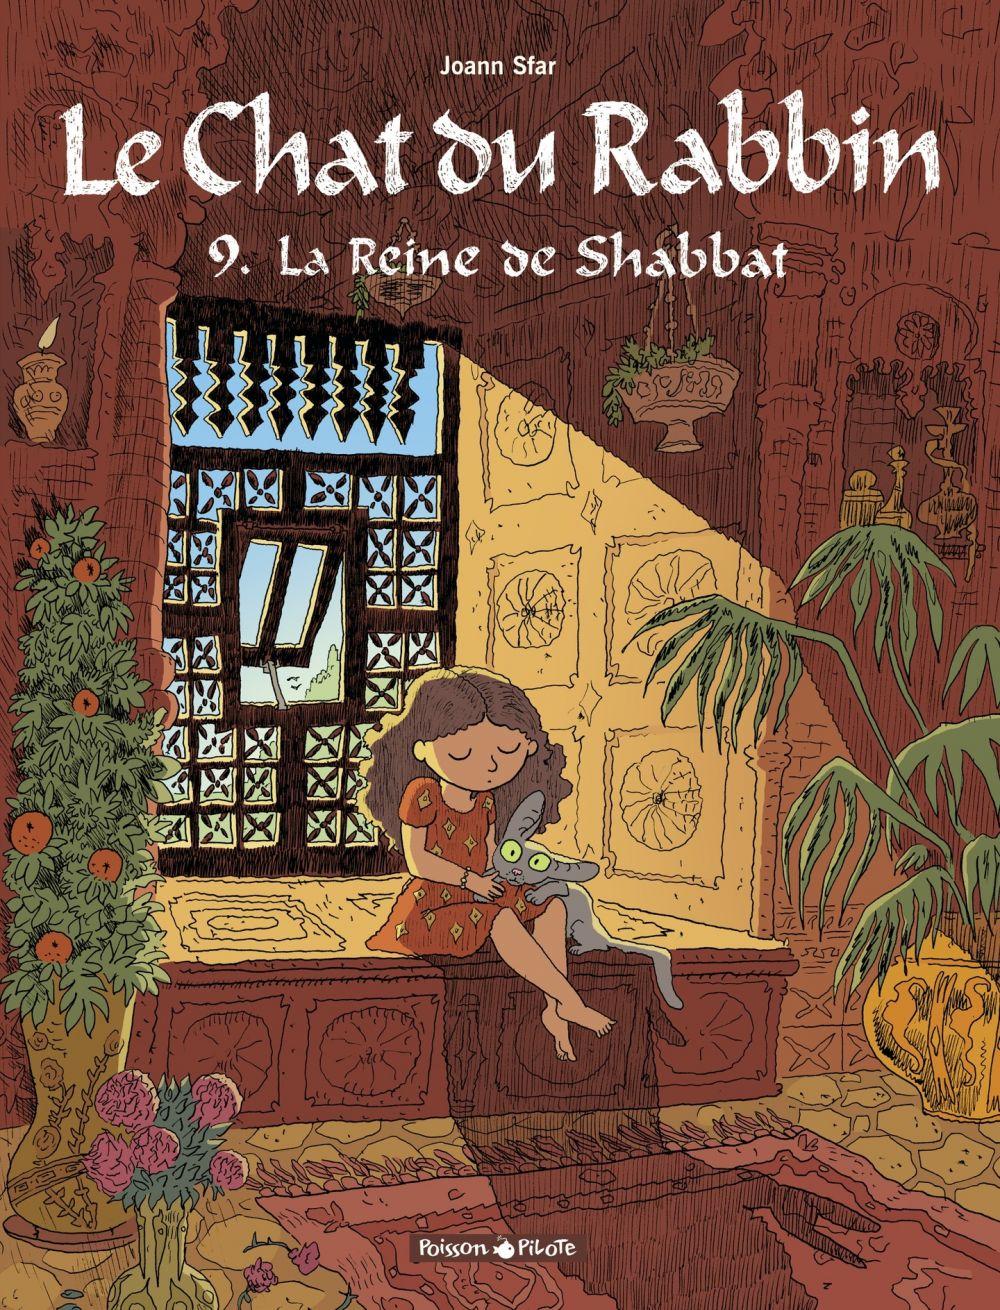 Le Chat du Rabbin  - Tome 9 - La Reine de Shabbat | Sfar, Joann. Auteur